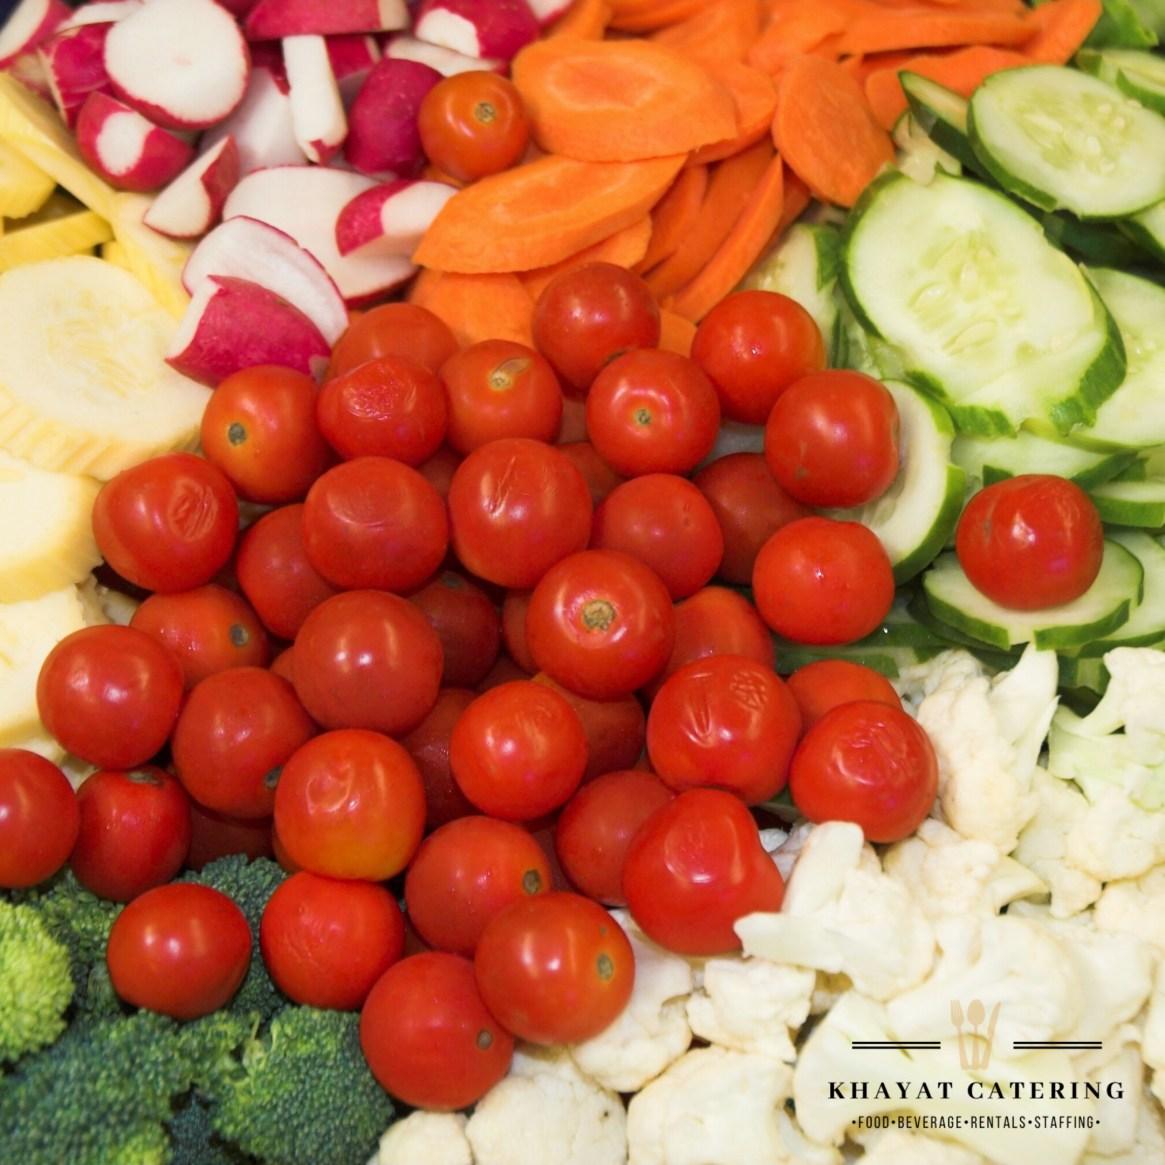 Khayat Catering vegetable platter